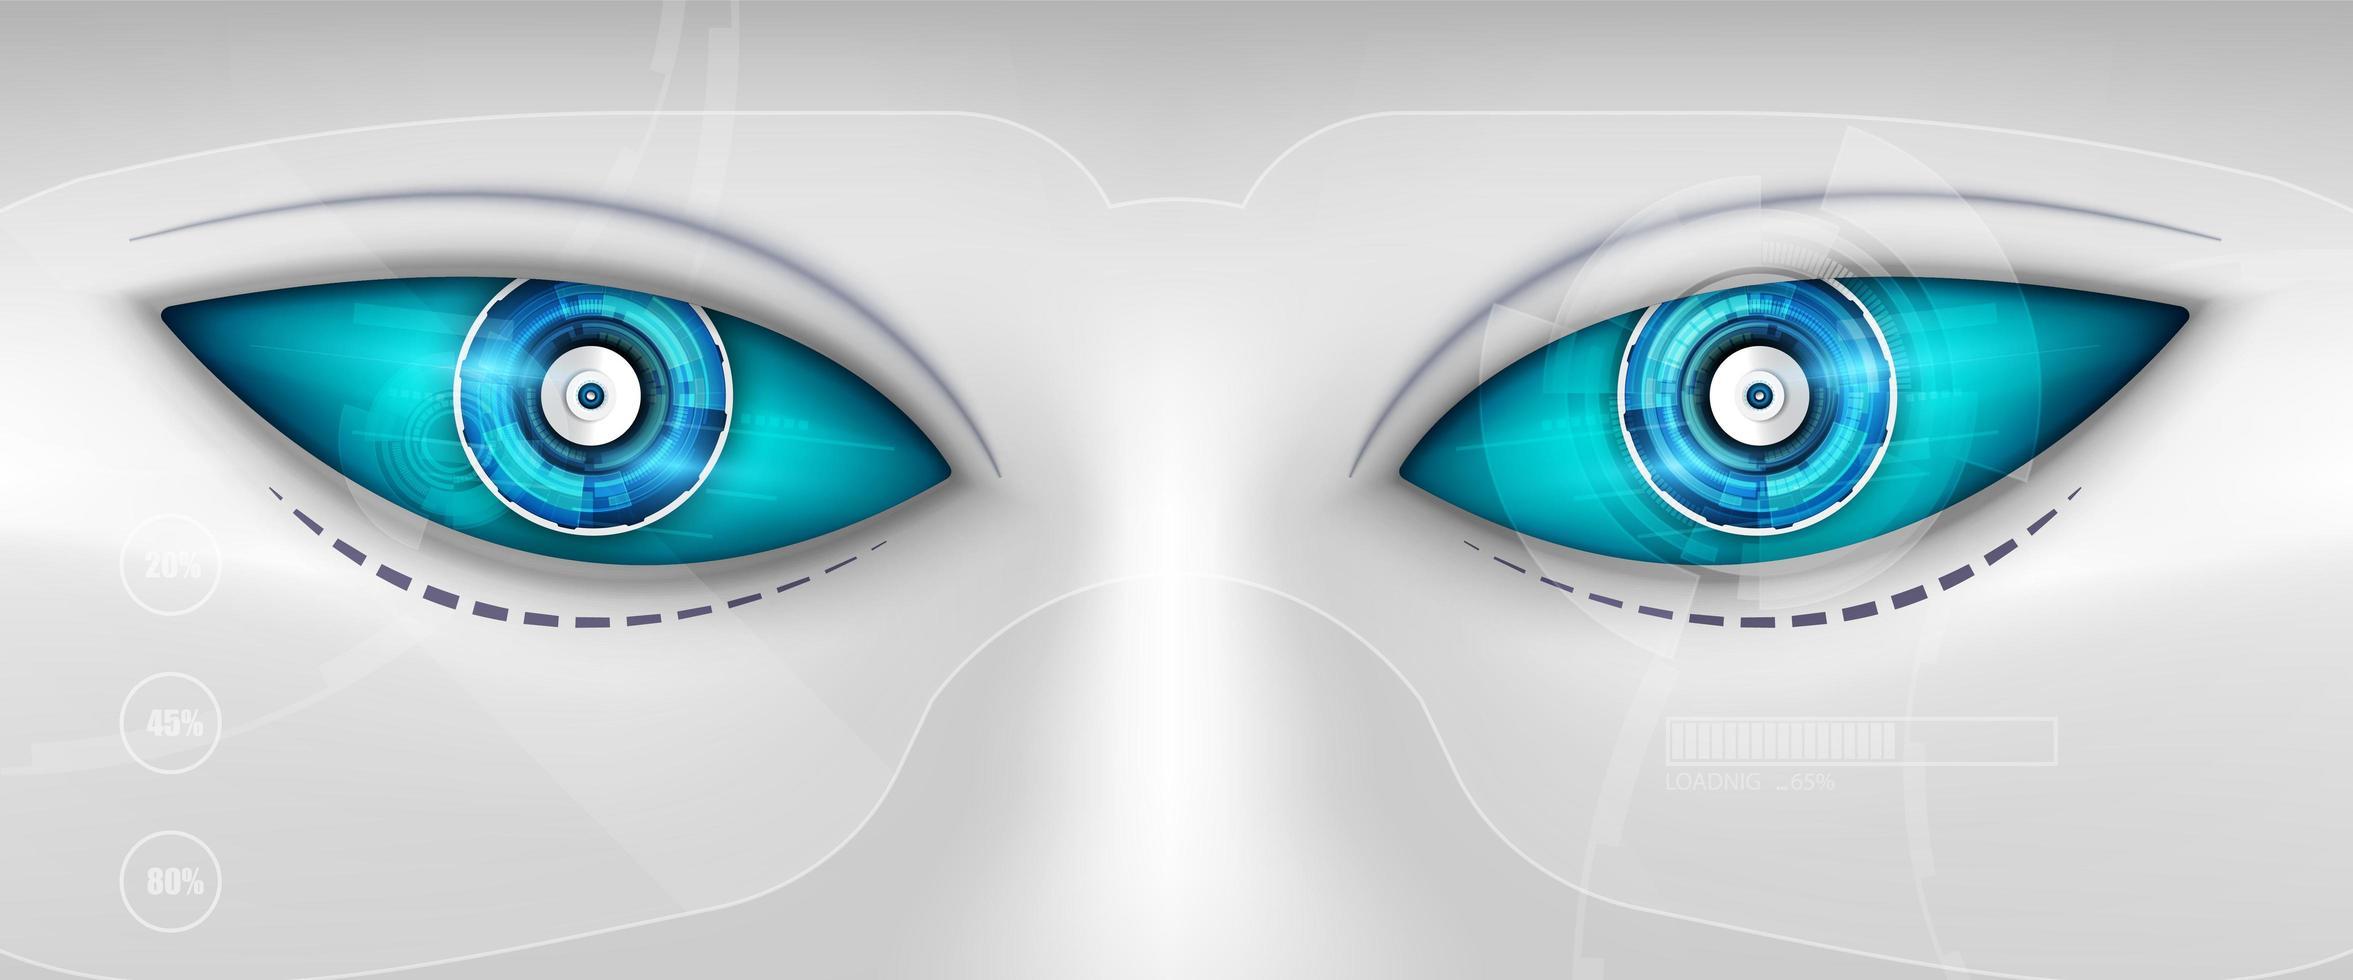 Auge des Roboters. futuristische Hud-Schnittstelle vektor